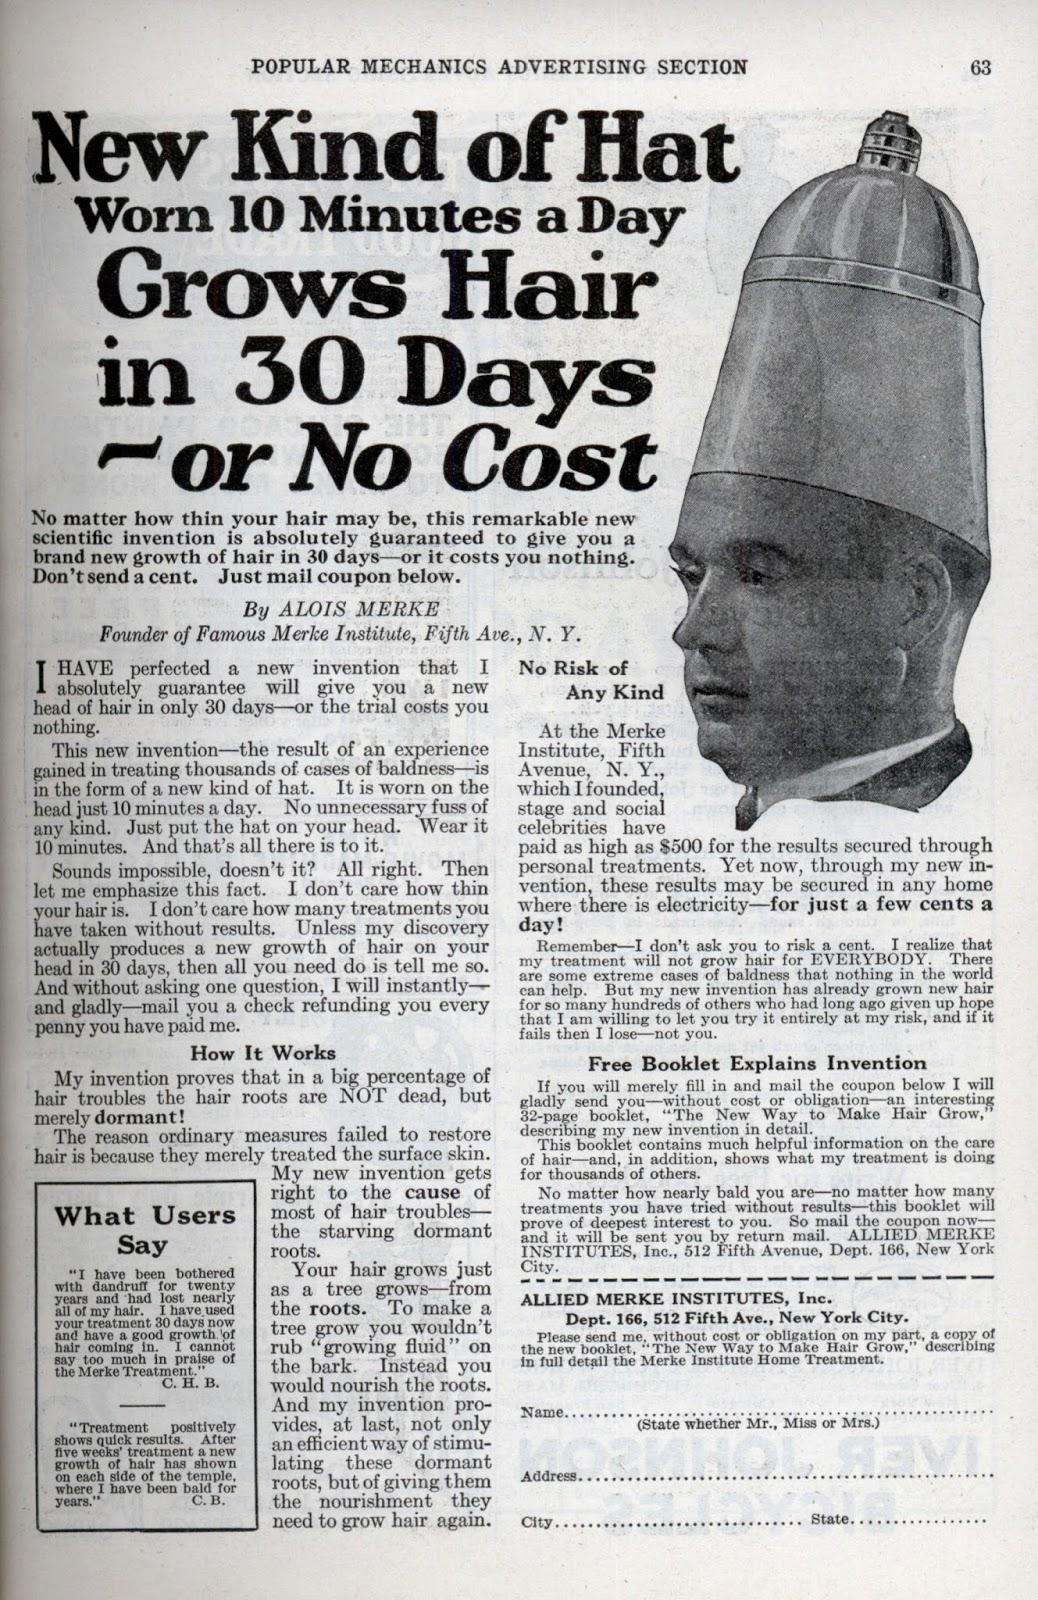 Aparelho que prometia fazer o cabelo crescer em 30 dias. Propaganda duvidosa de um chapéu que prometia o rejuvenescimento capilar.